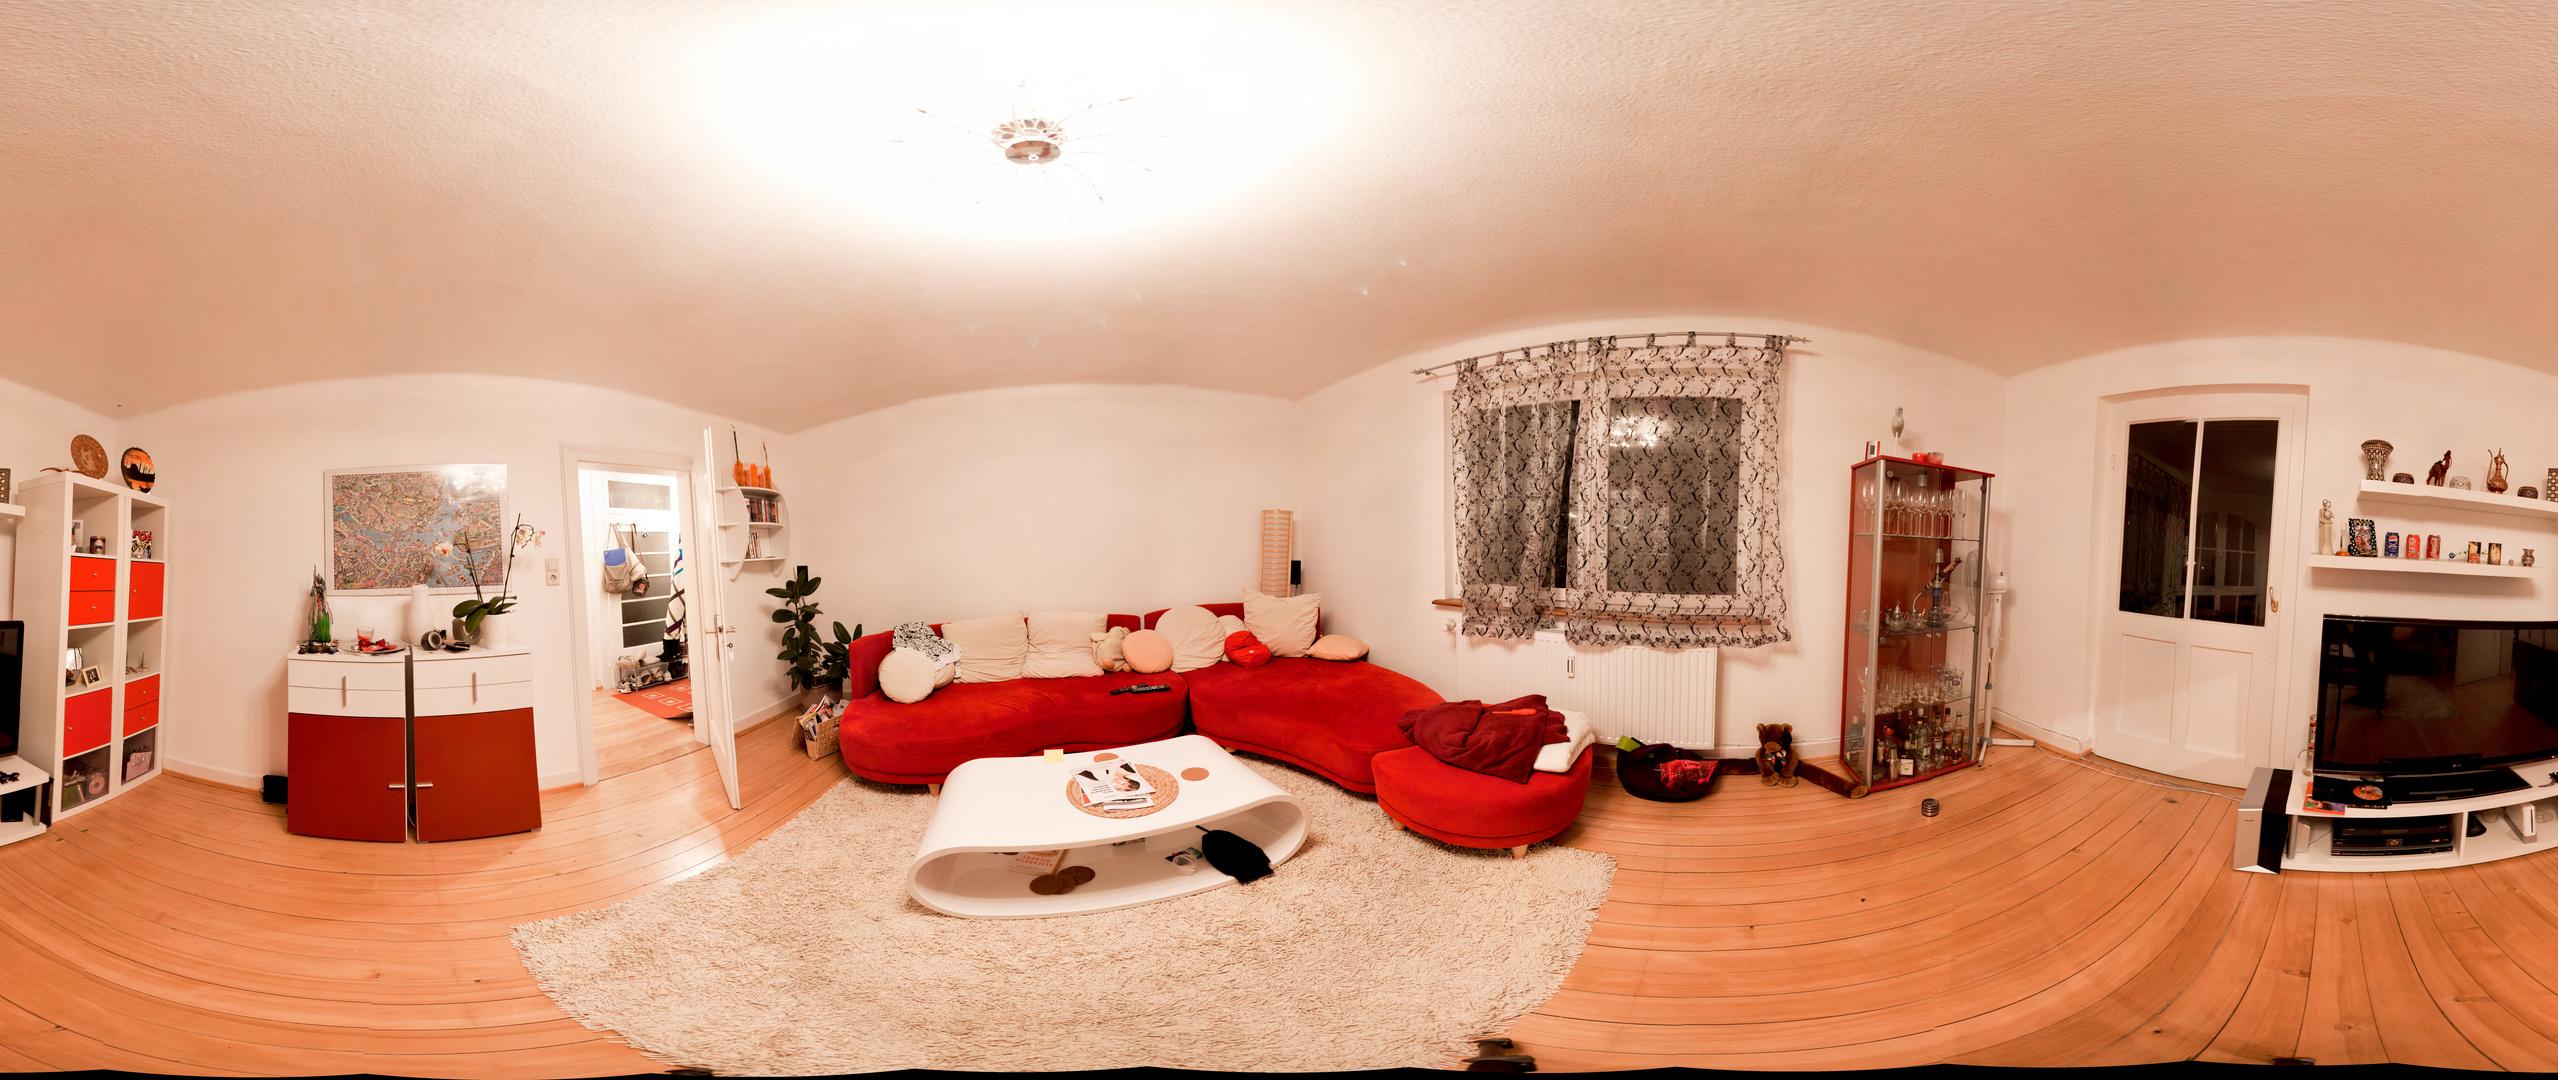 mein Wohnzimmer in 360° Foto & Bild | panorama, techniken, aufnahme ...